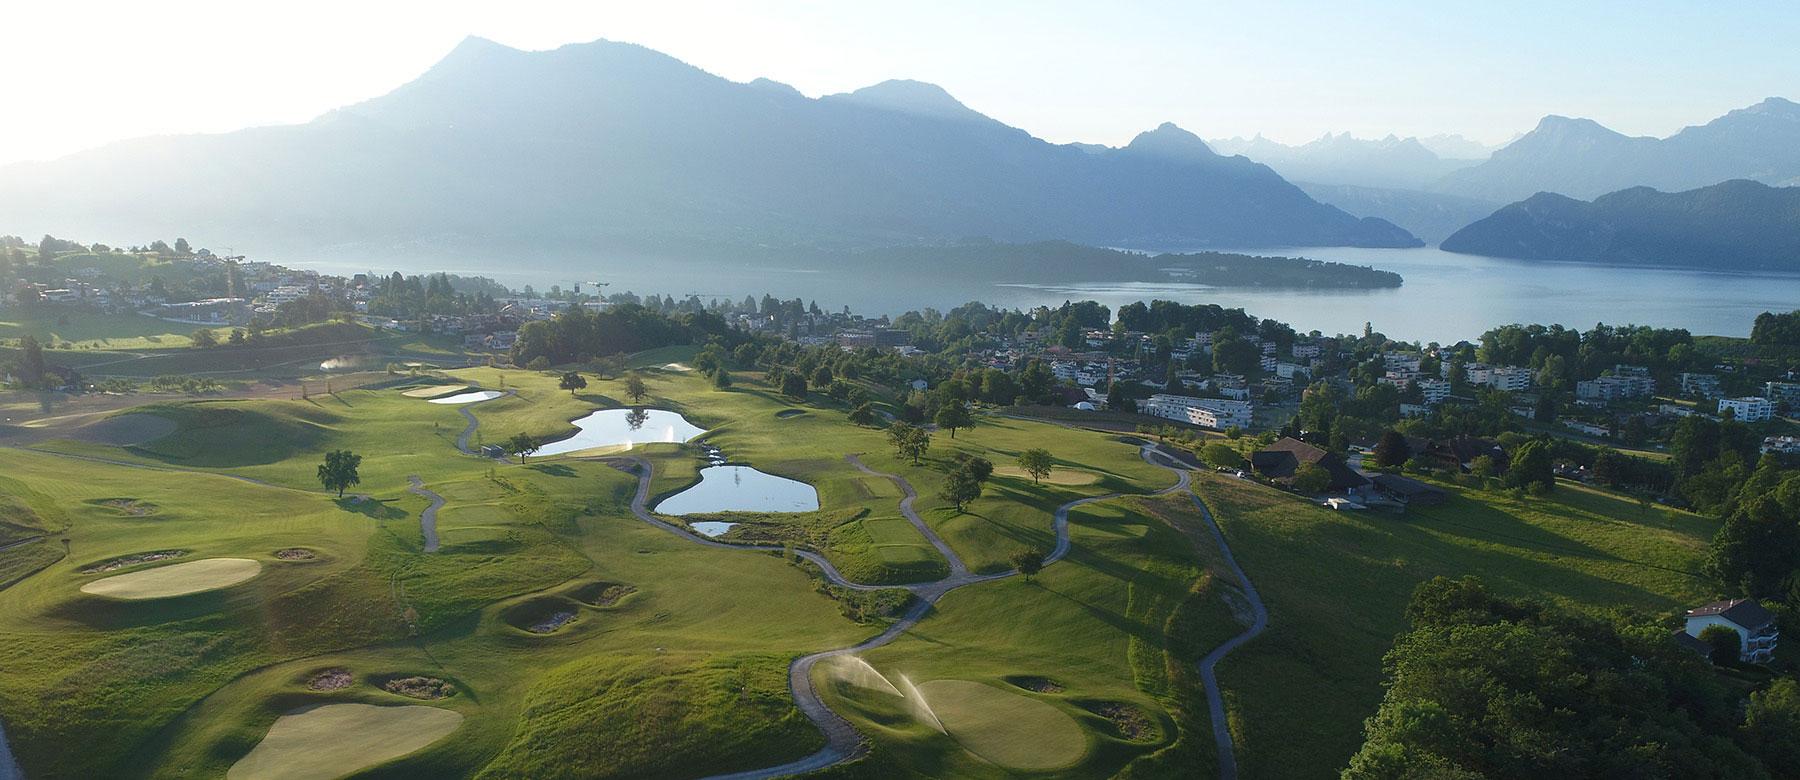 <span class='cycle-icon '></span><span class='cycle-title'></span><span class='cycle-subtitle'>Mit Golfsuisse sind wir der Meinung, dass es viele sehr gute Gründe gibt, Golf zu spielen. Golfen ist für jedes Alter geeignet, hält fit und kann Ihnen unvergleichliche Naturerlebnisse bereiten. Golf ist Sport in und mit der Natur. </span>